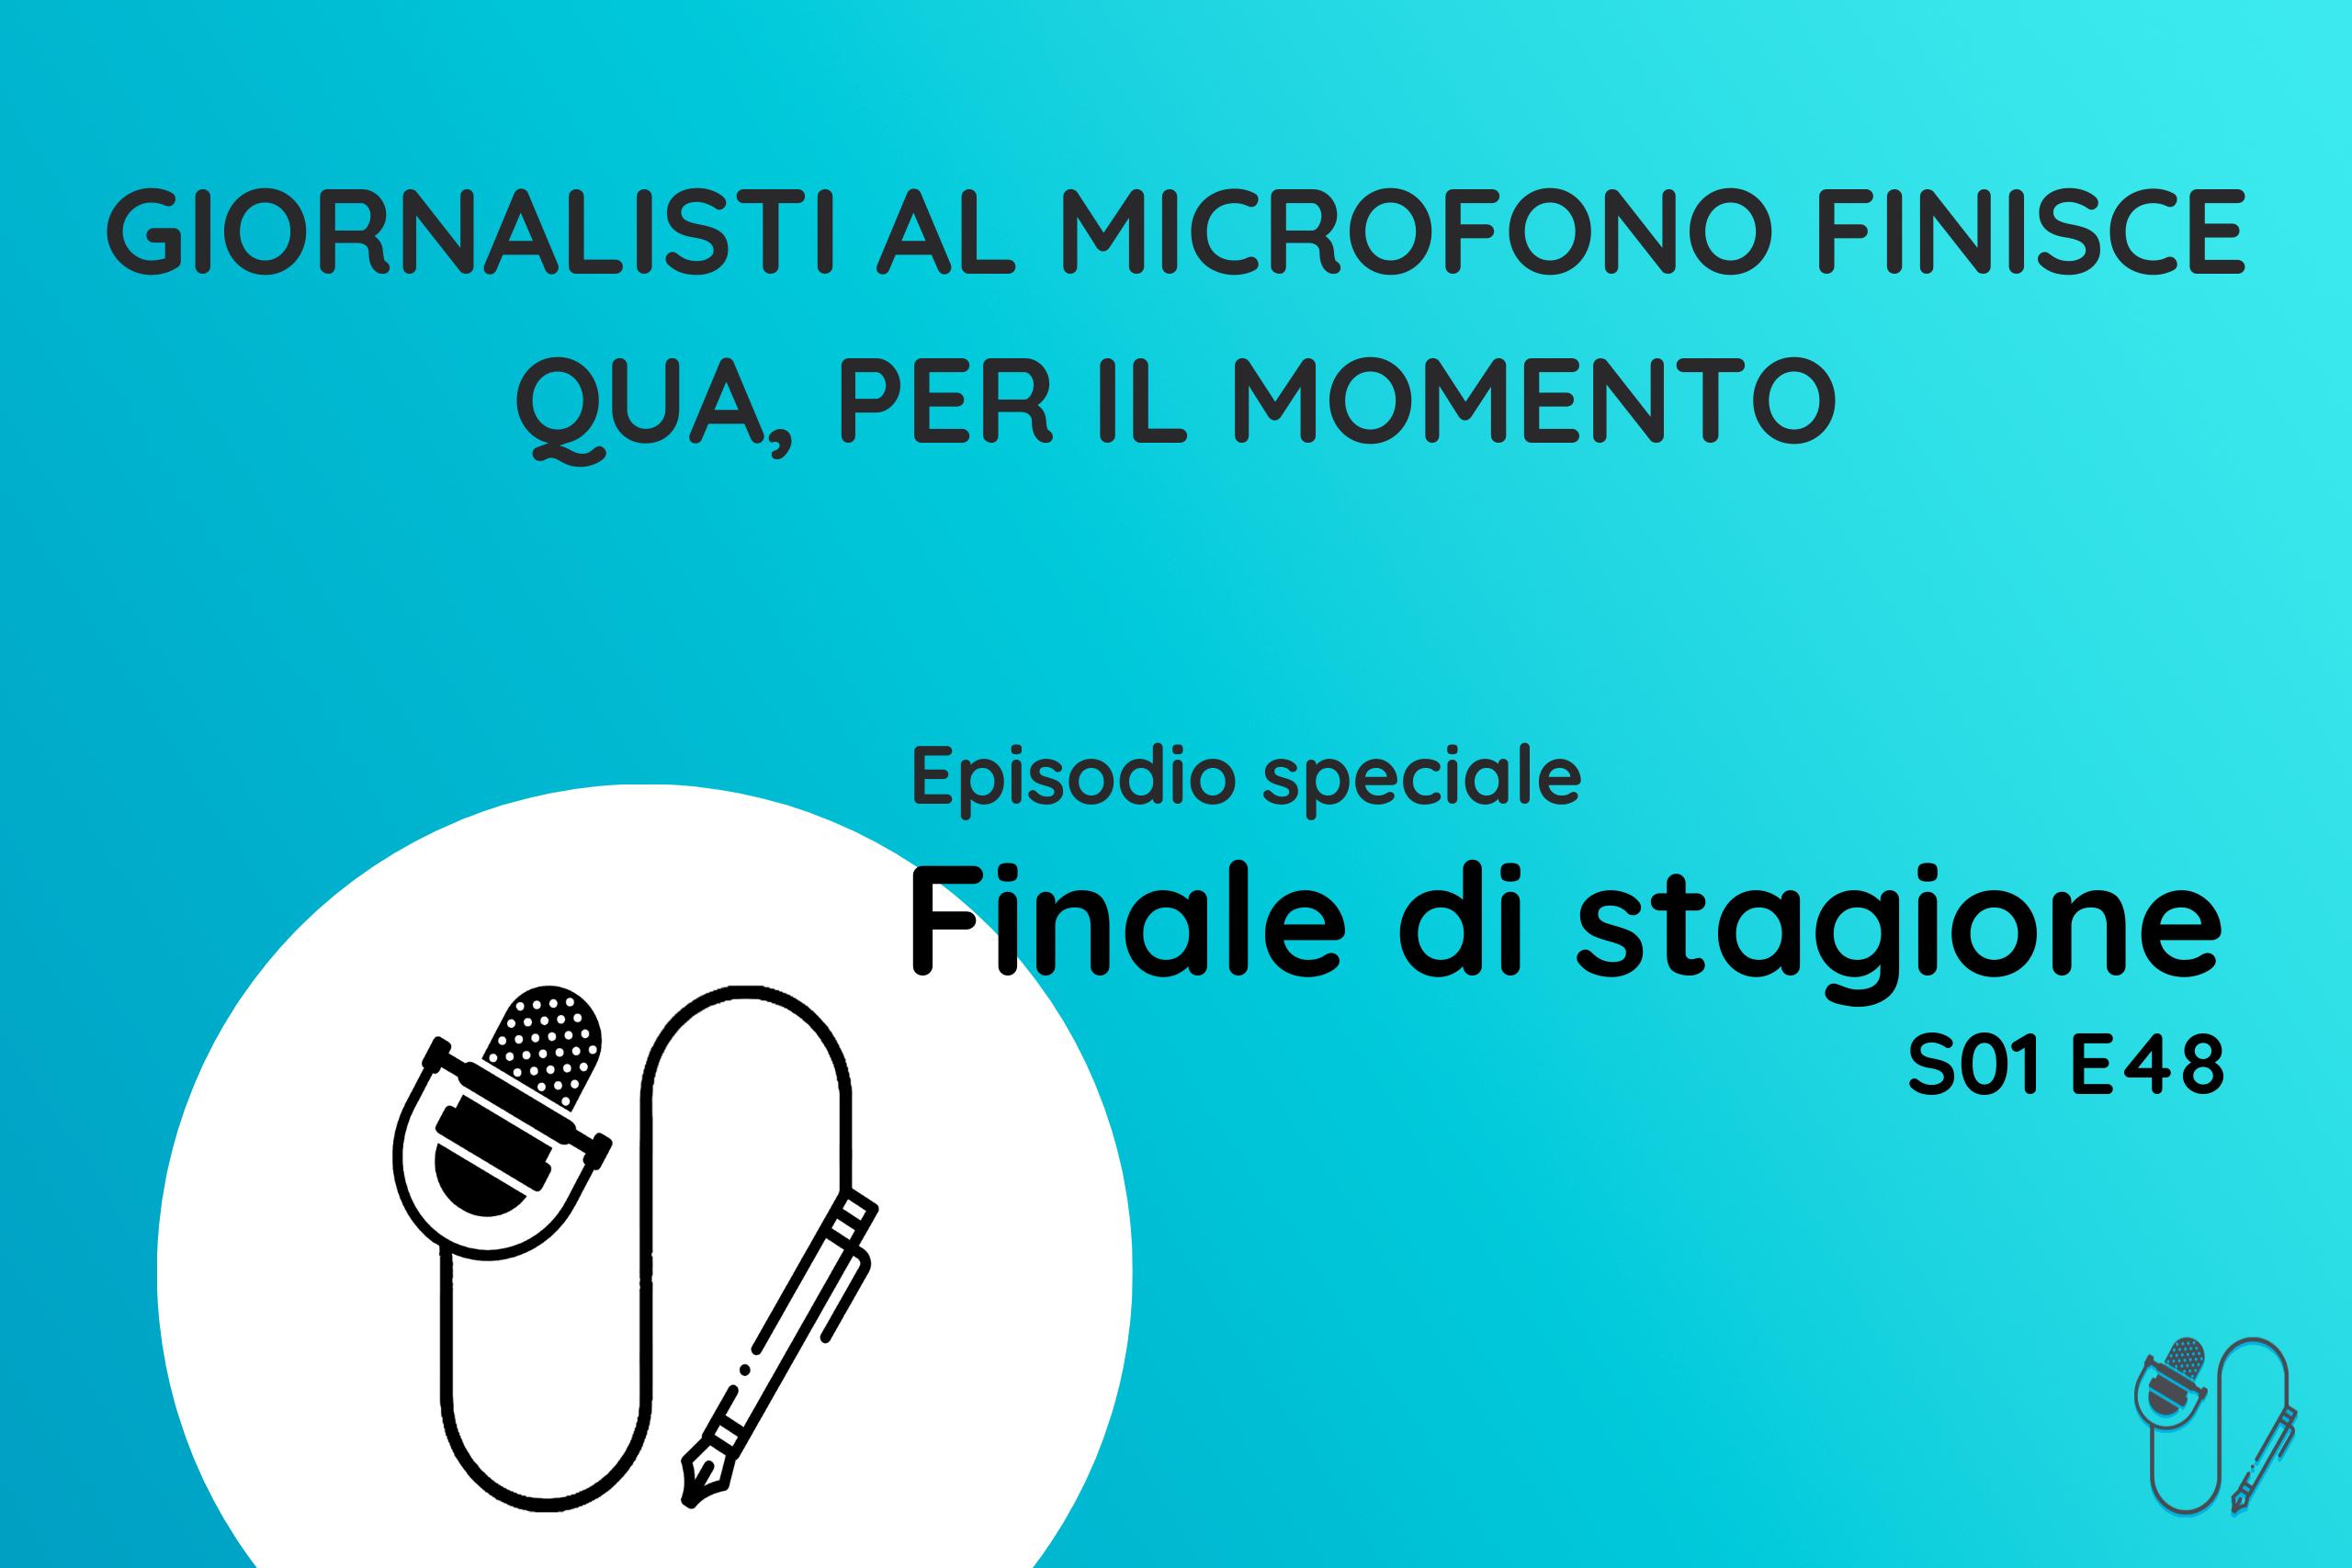 Giornalisti al Microfono finale di stagione 1